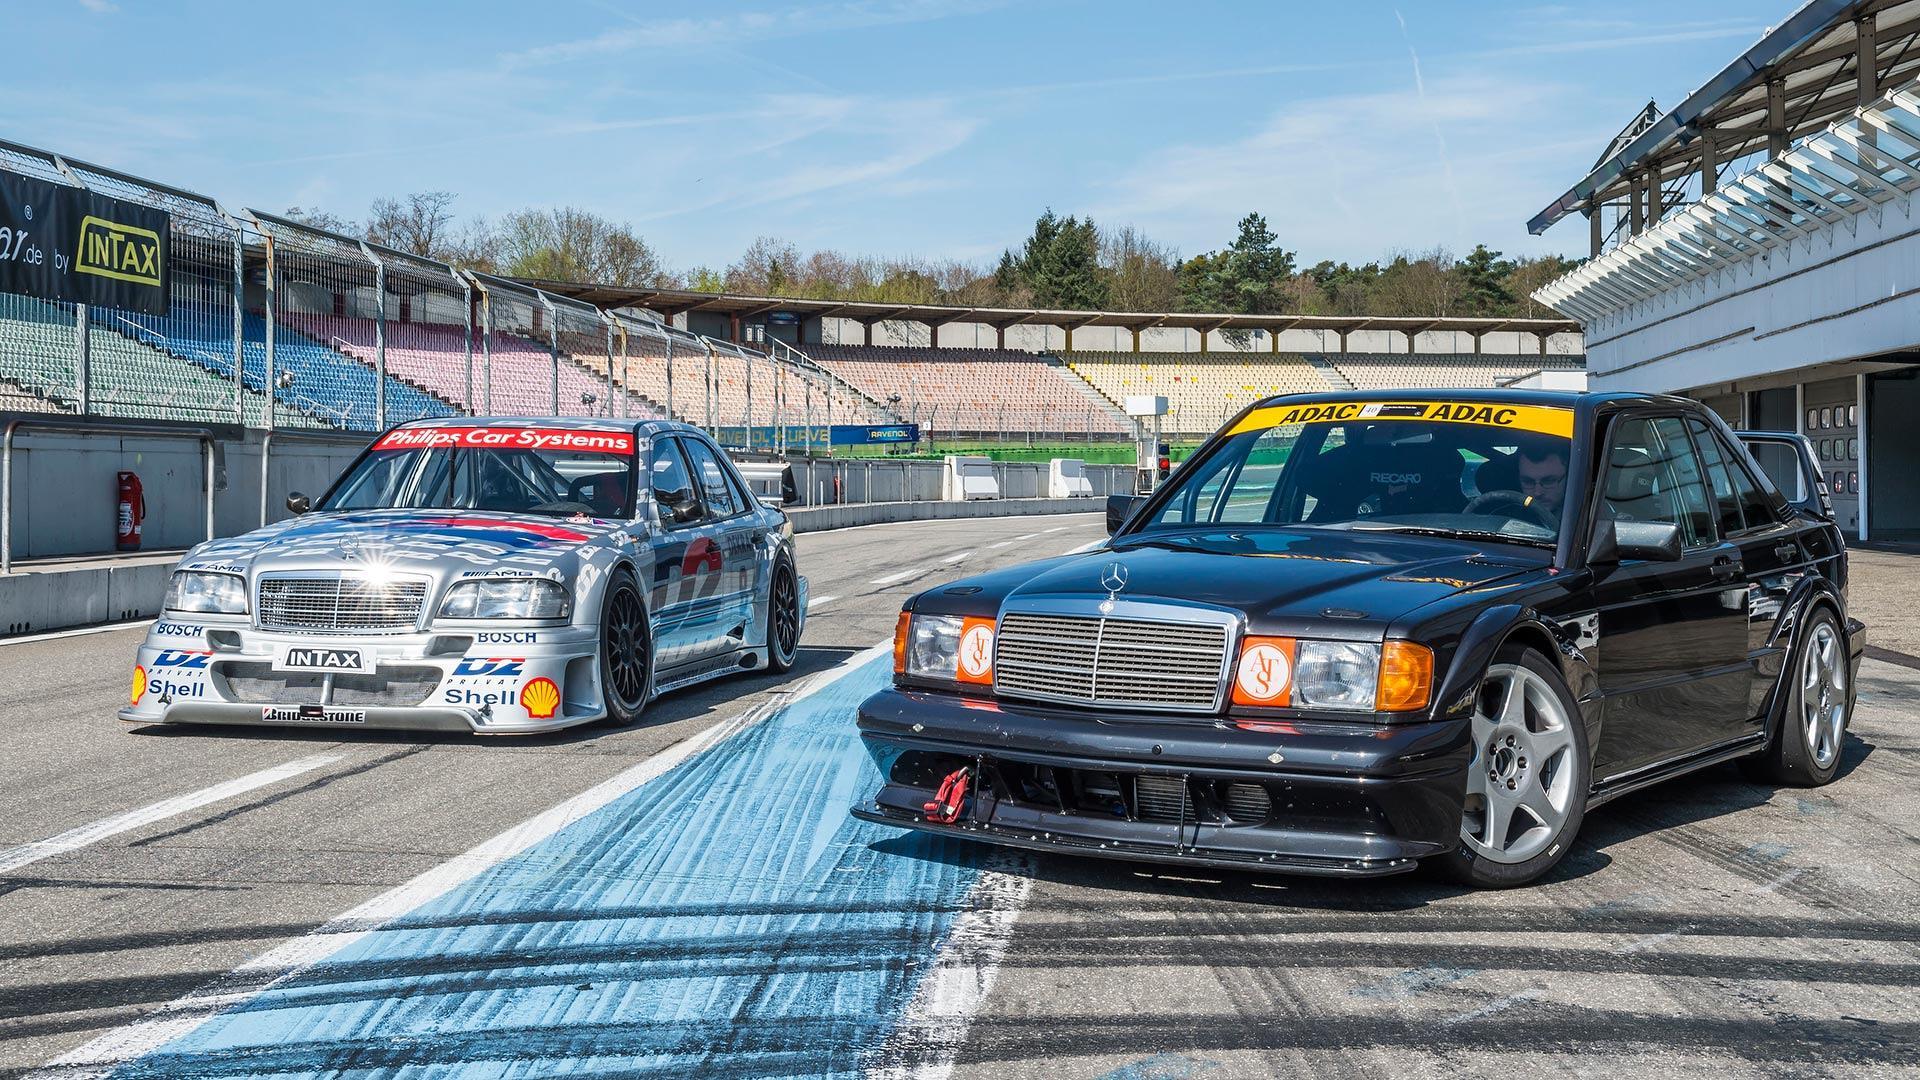 Mercedes-Benz 190E 2.5-16 Evolution II - recriação